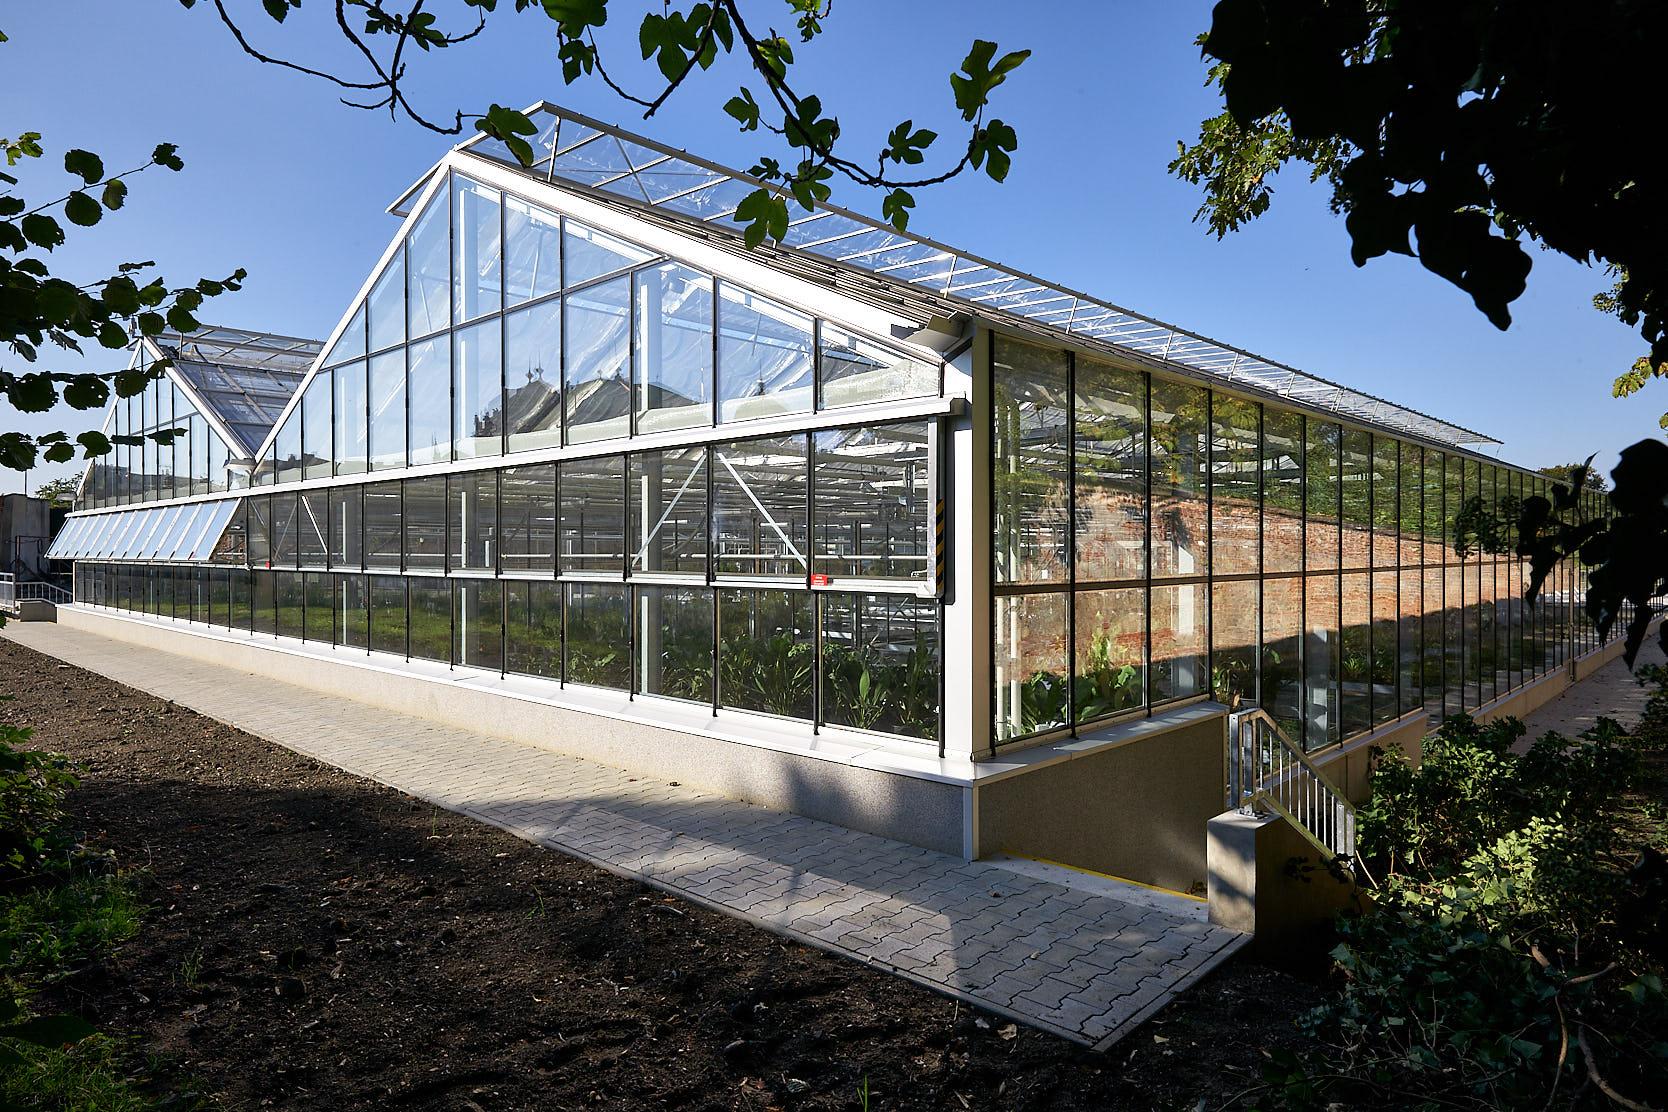 Glashäuser Belvederegarten, Wehdorn Architekten